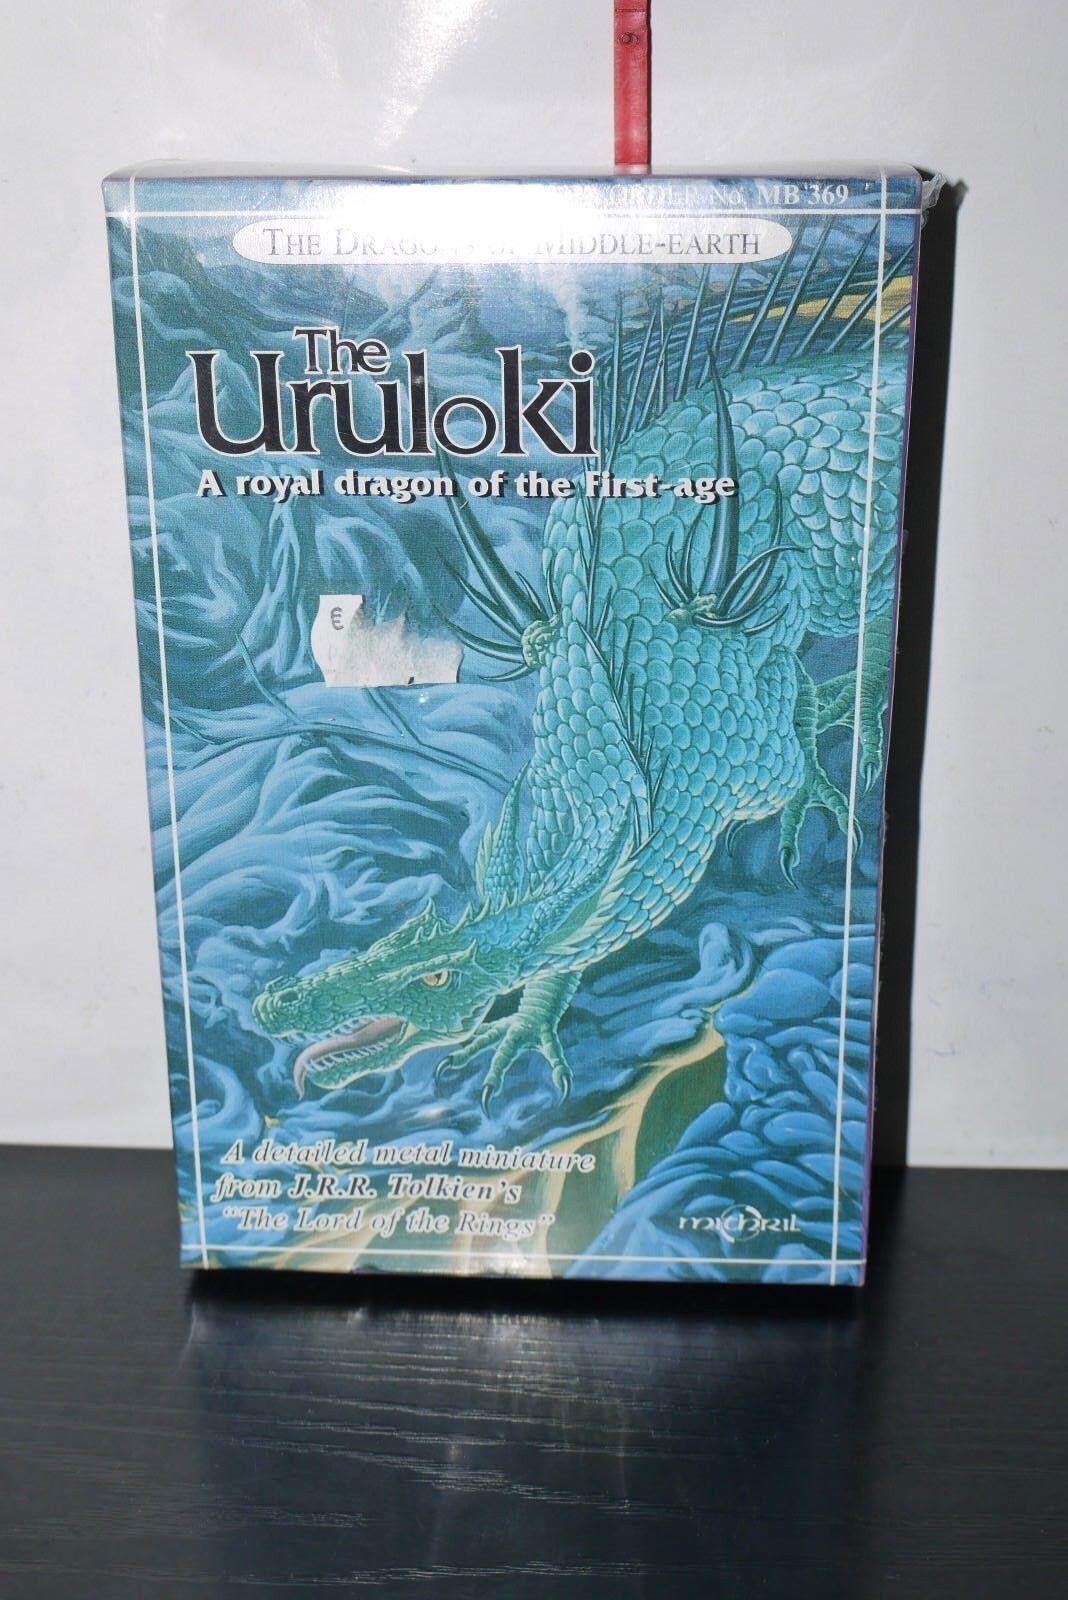 Mithril miniaturas LOTR Mini Uruloki dragones de tierra media MB 369 MIB